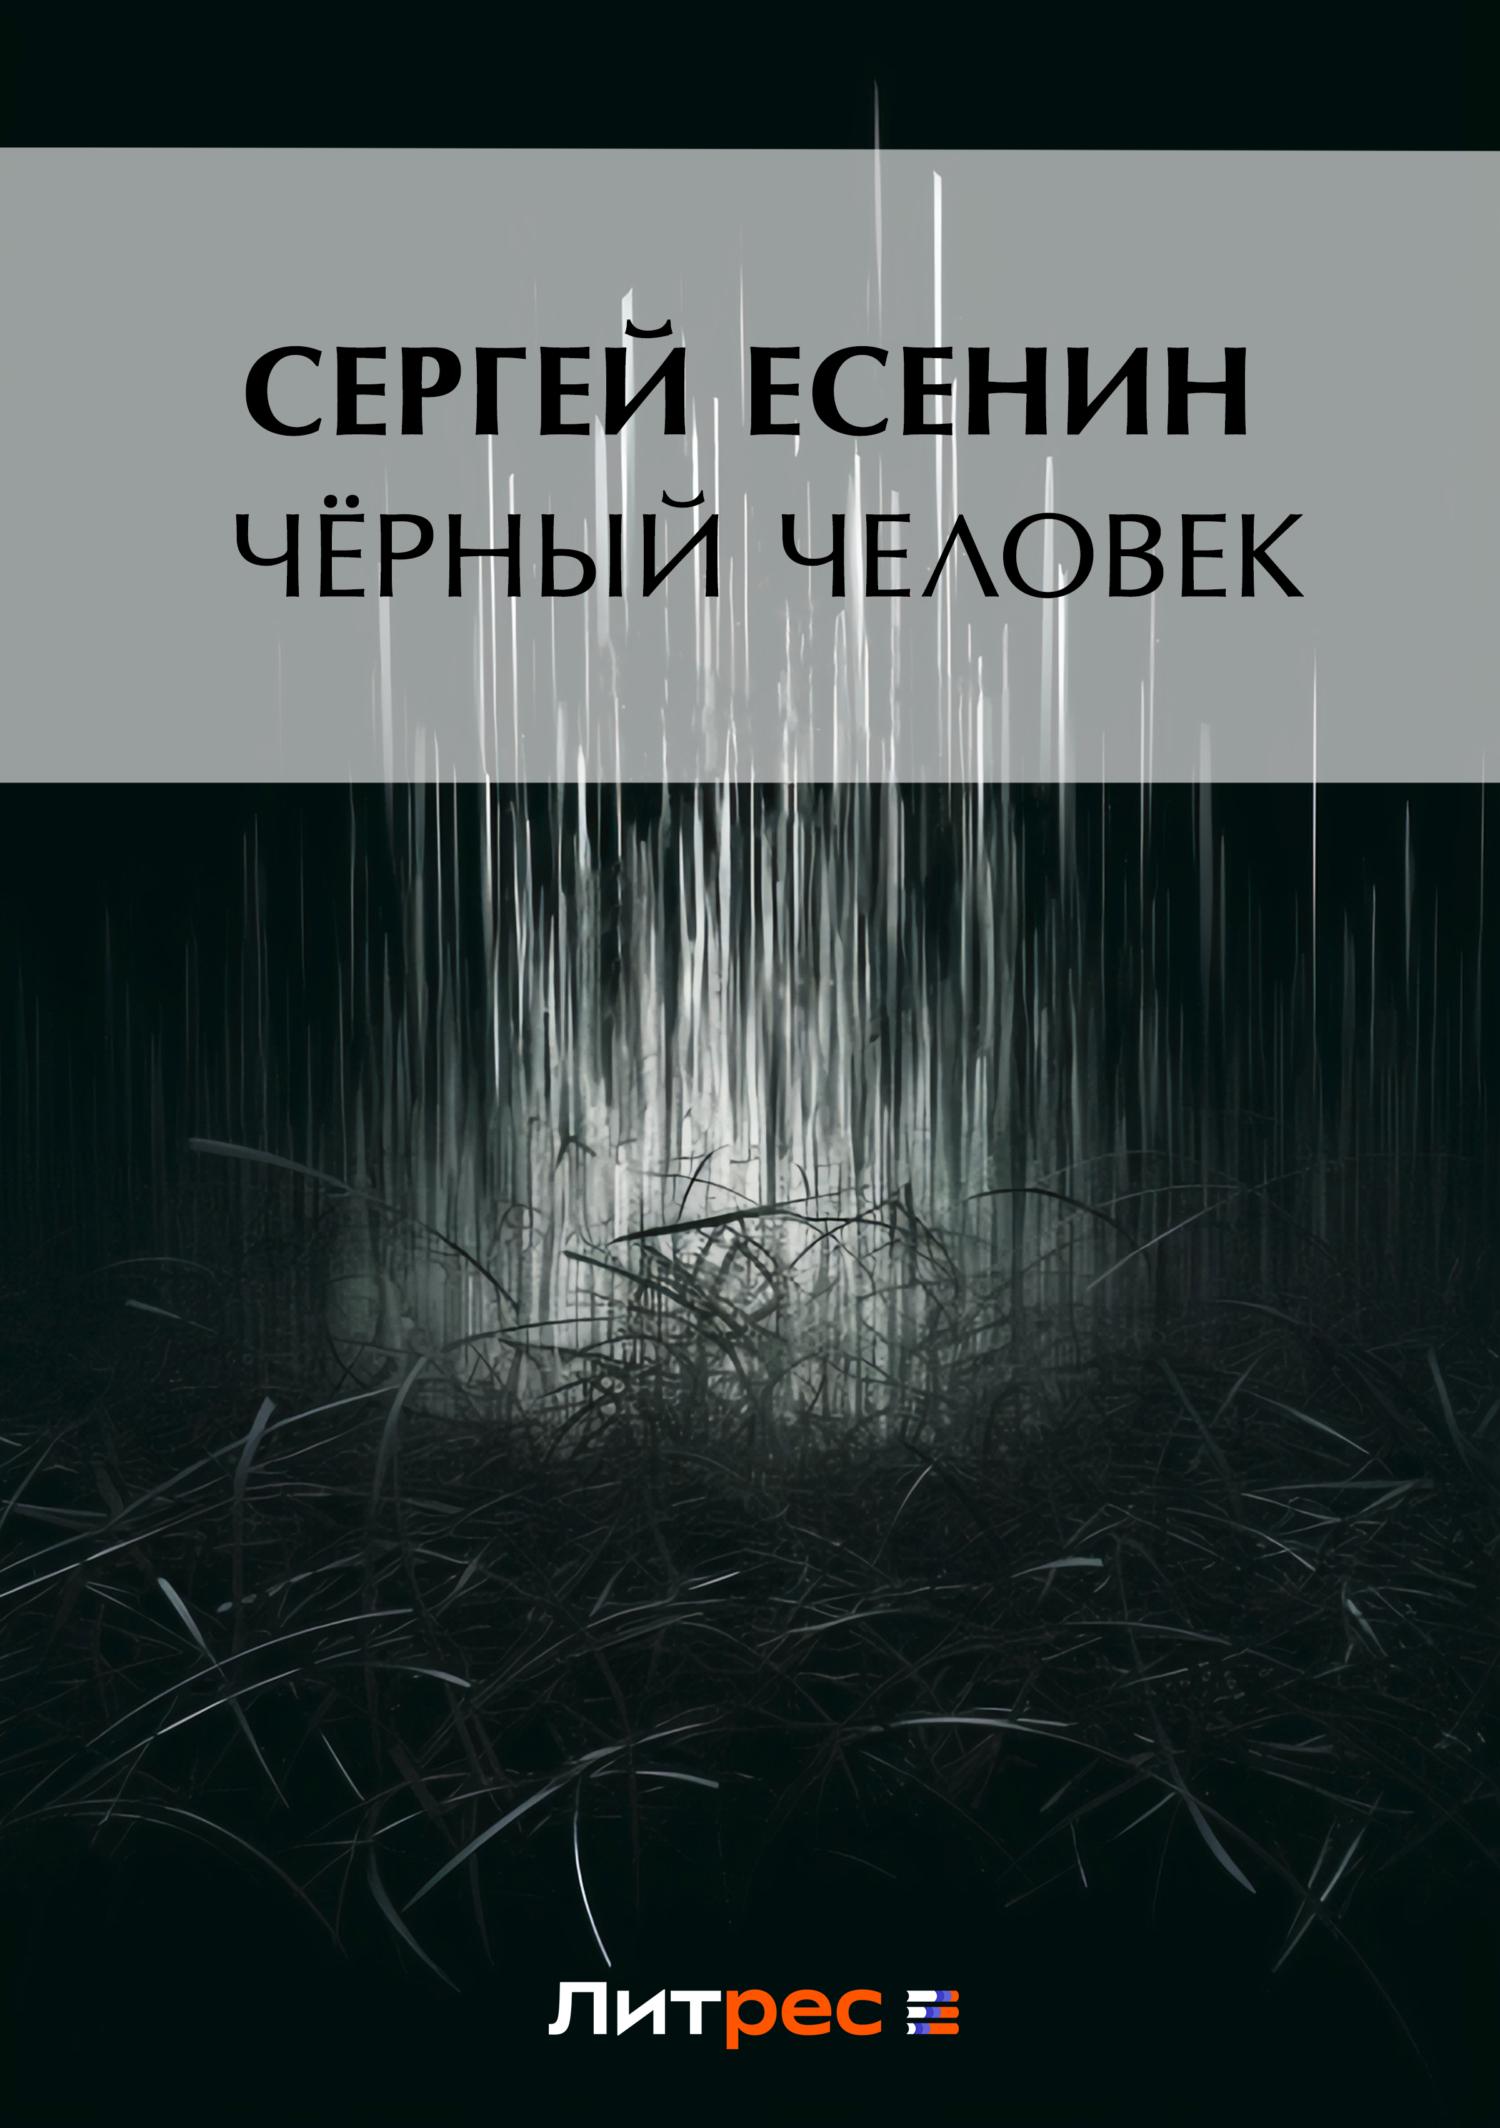 цена на Сергей Есенин Черный человек